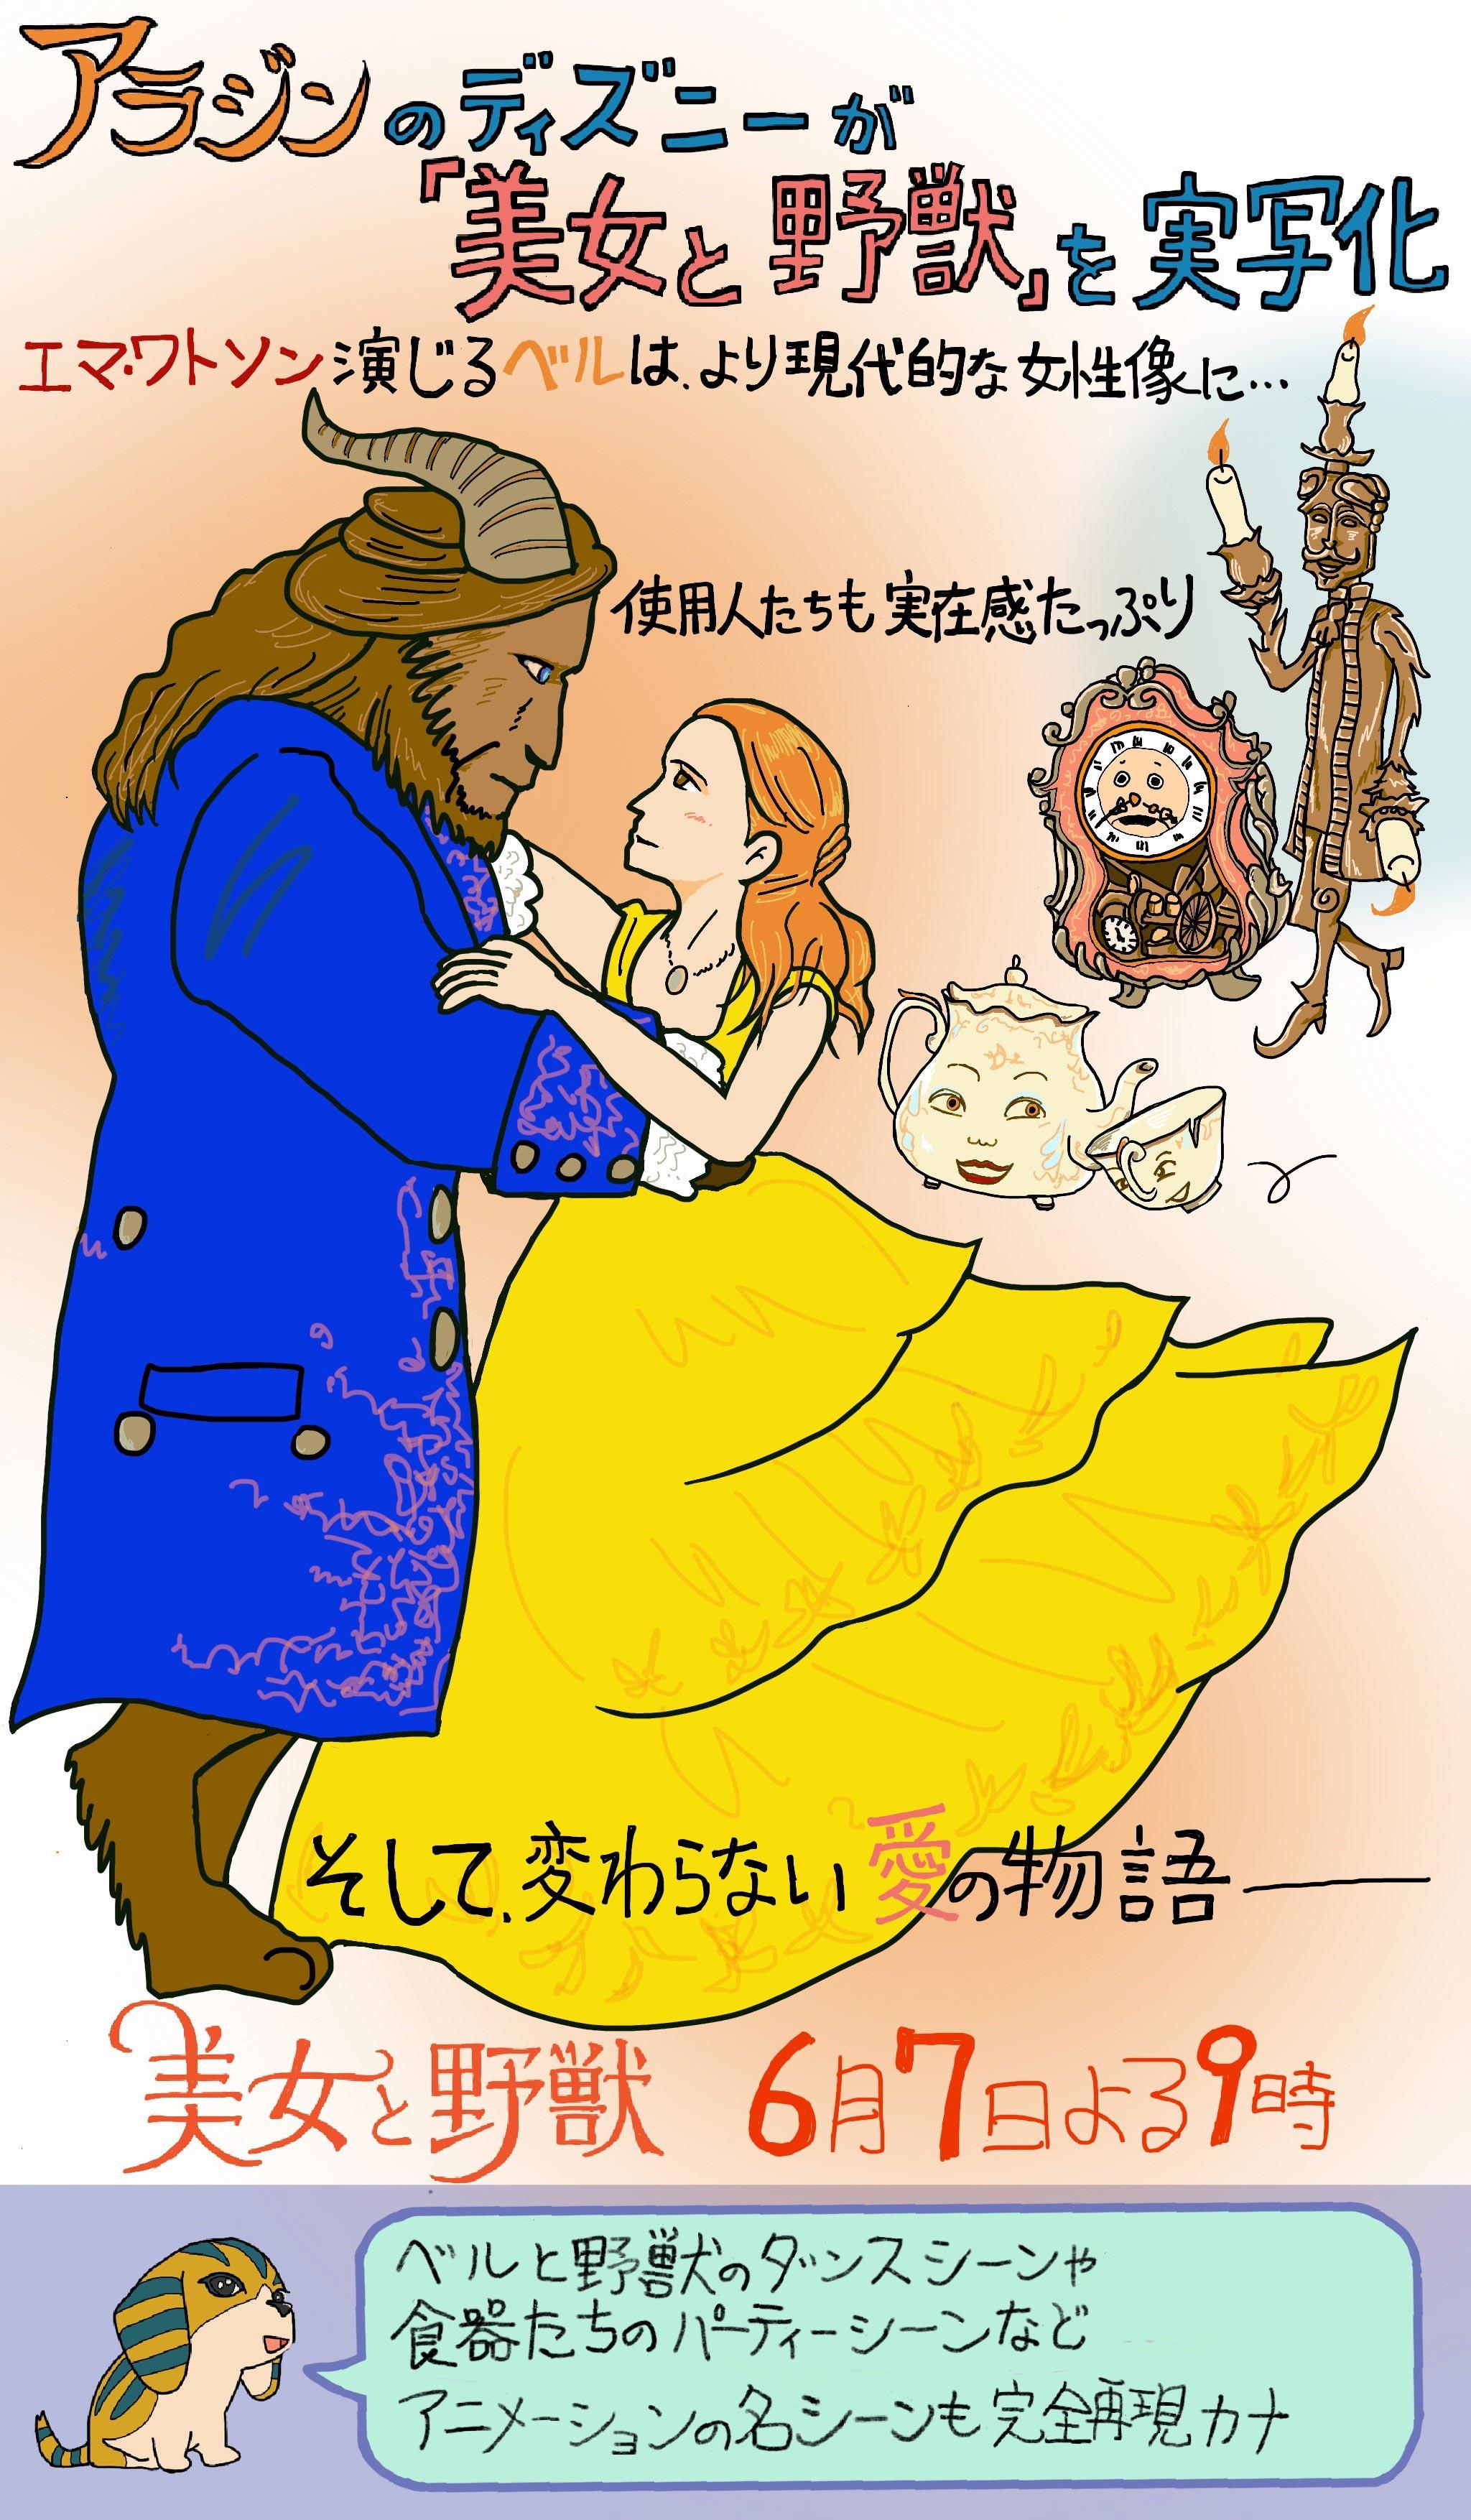 201967放送美女と野獣 イラストレビュー金曜ロードシネマクラブ